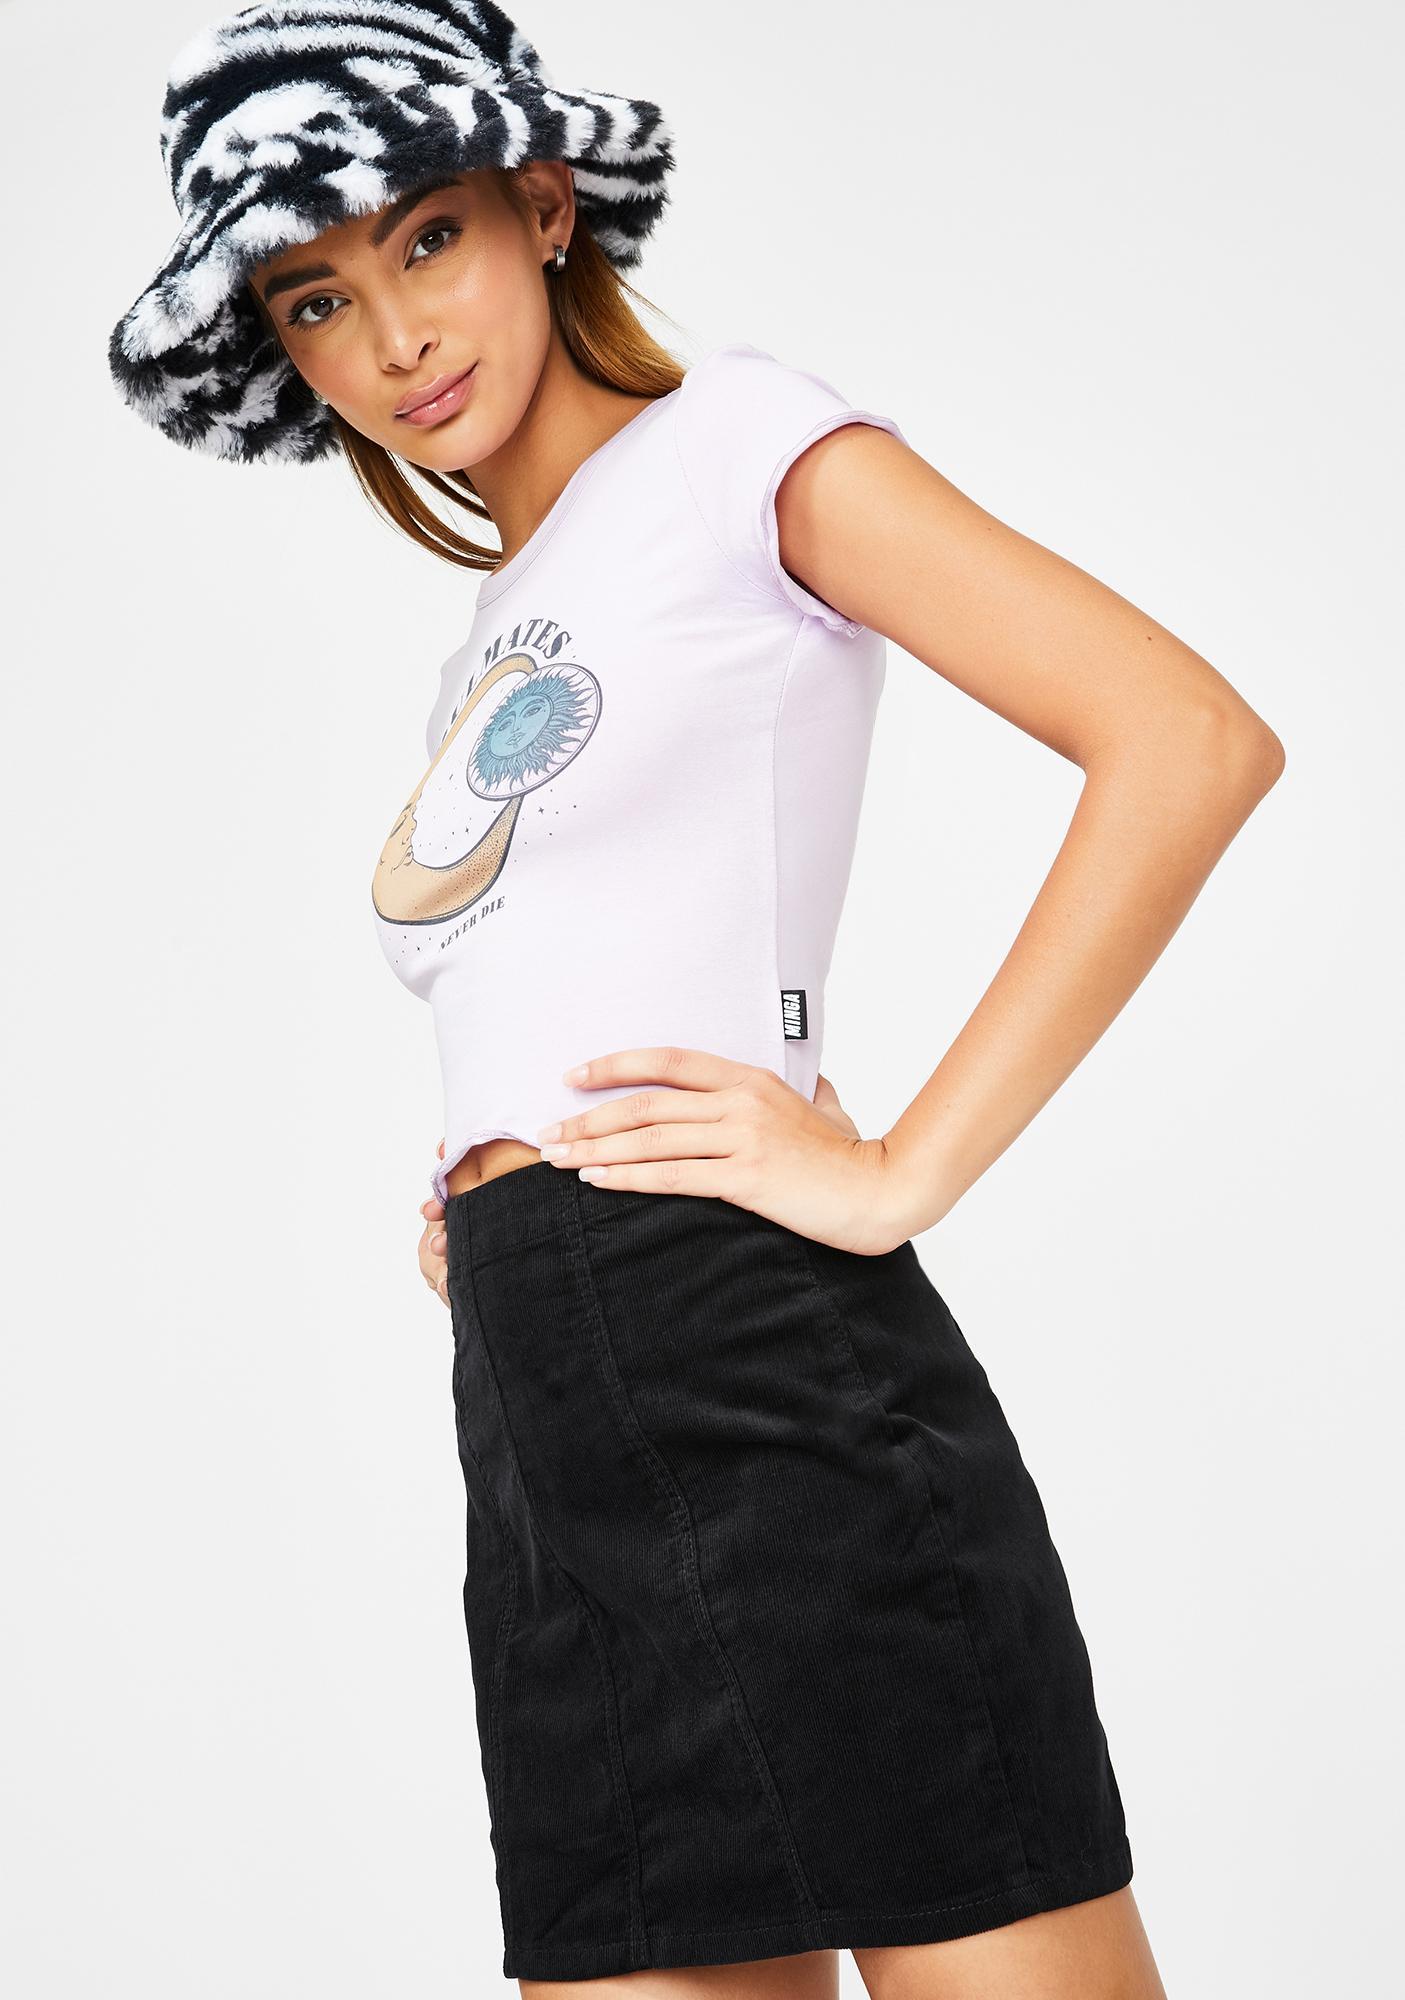 Momokrom Black Corduroy Mini Skirt